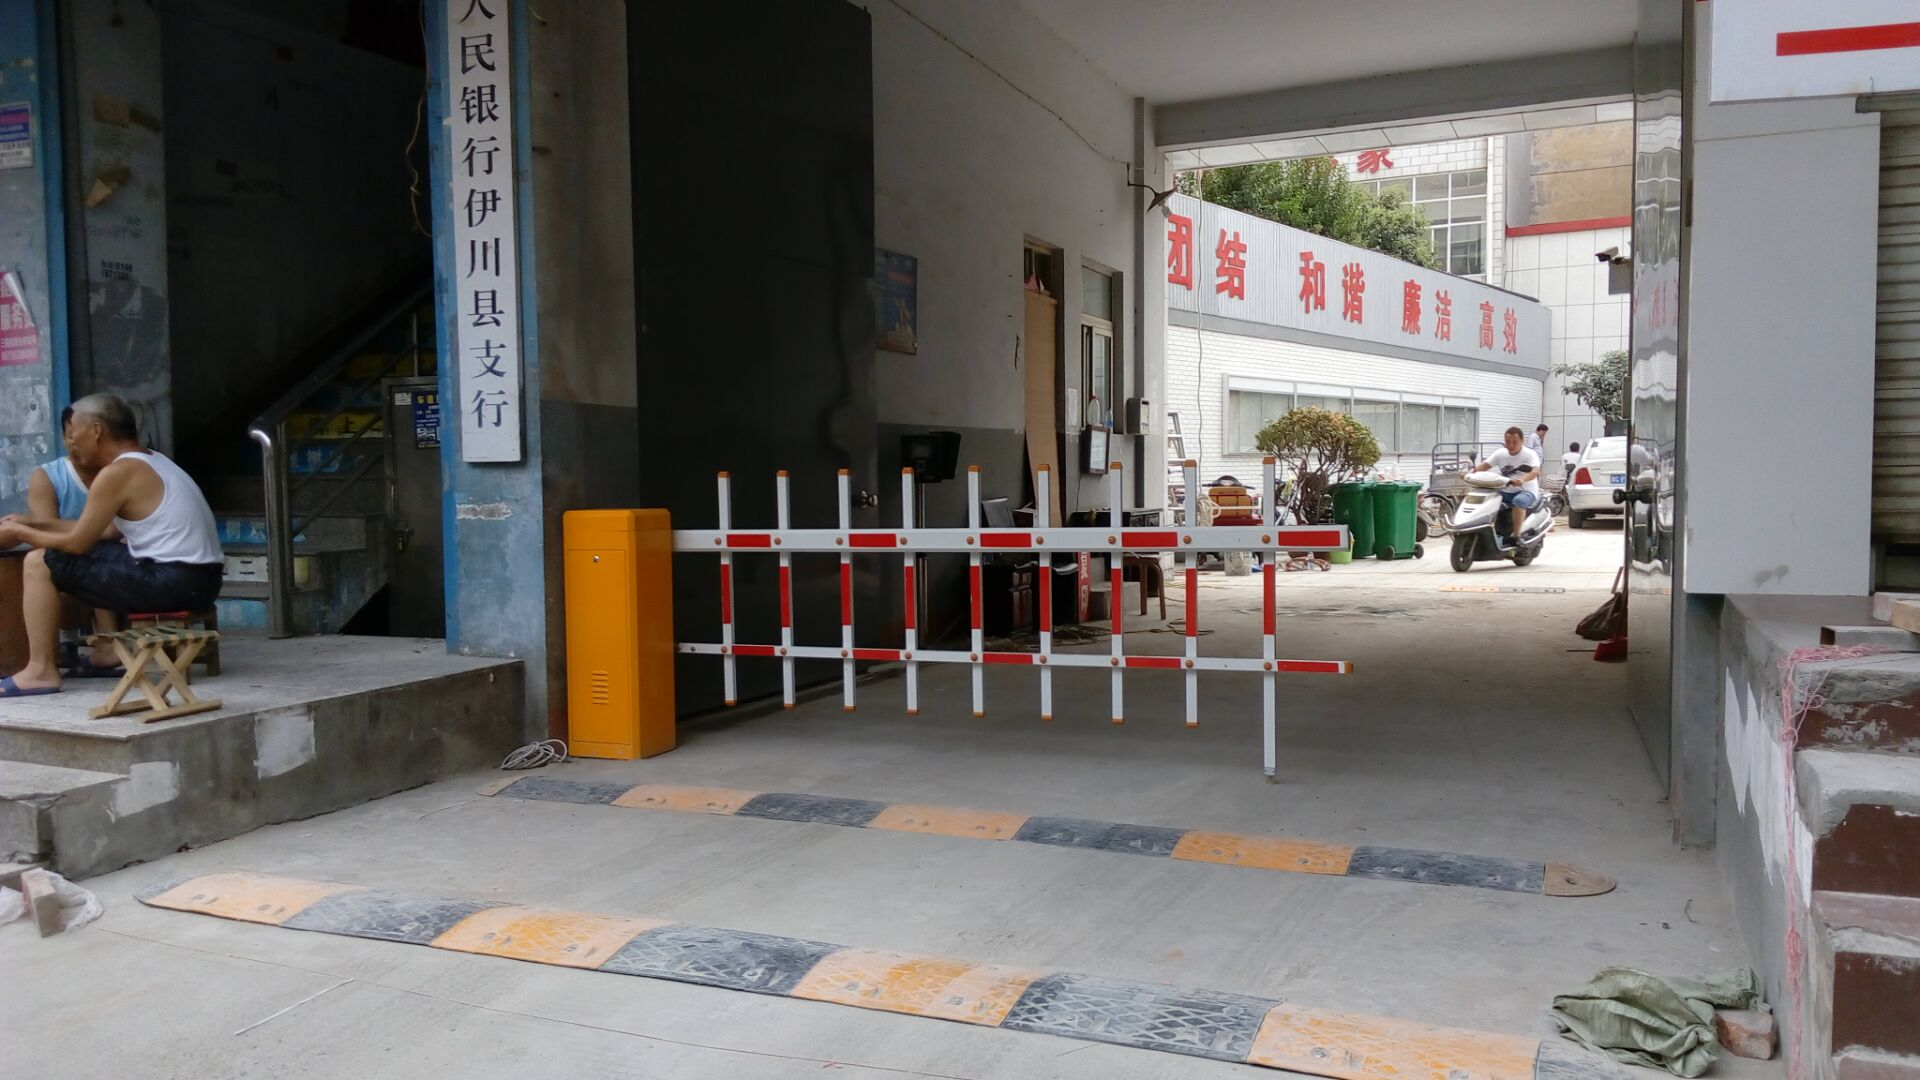 中国人民银行伊川支行栅